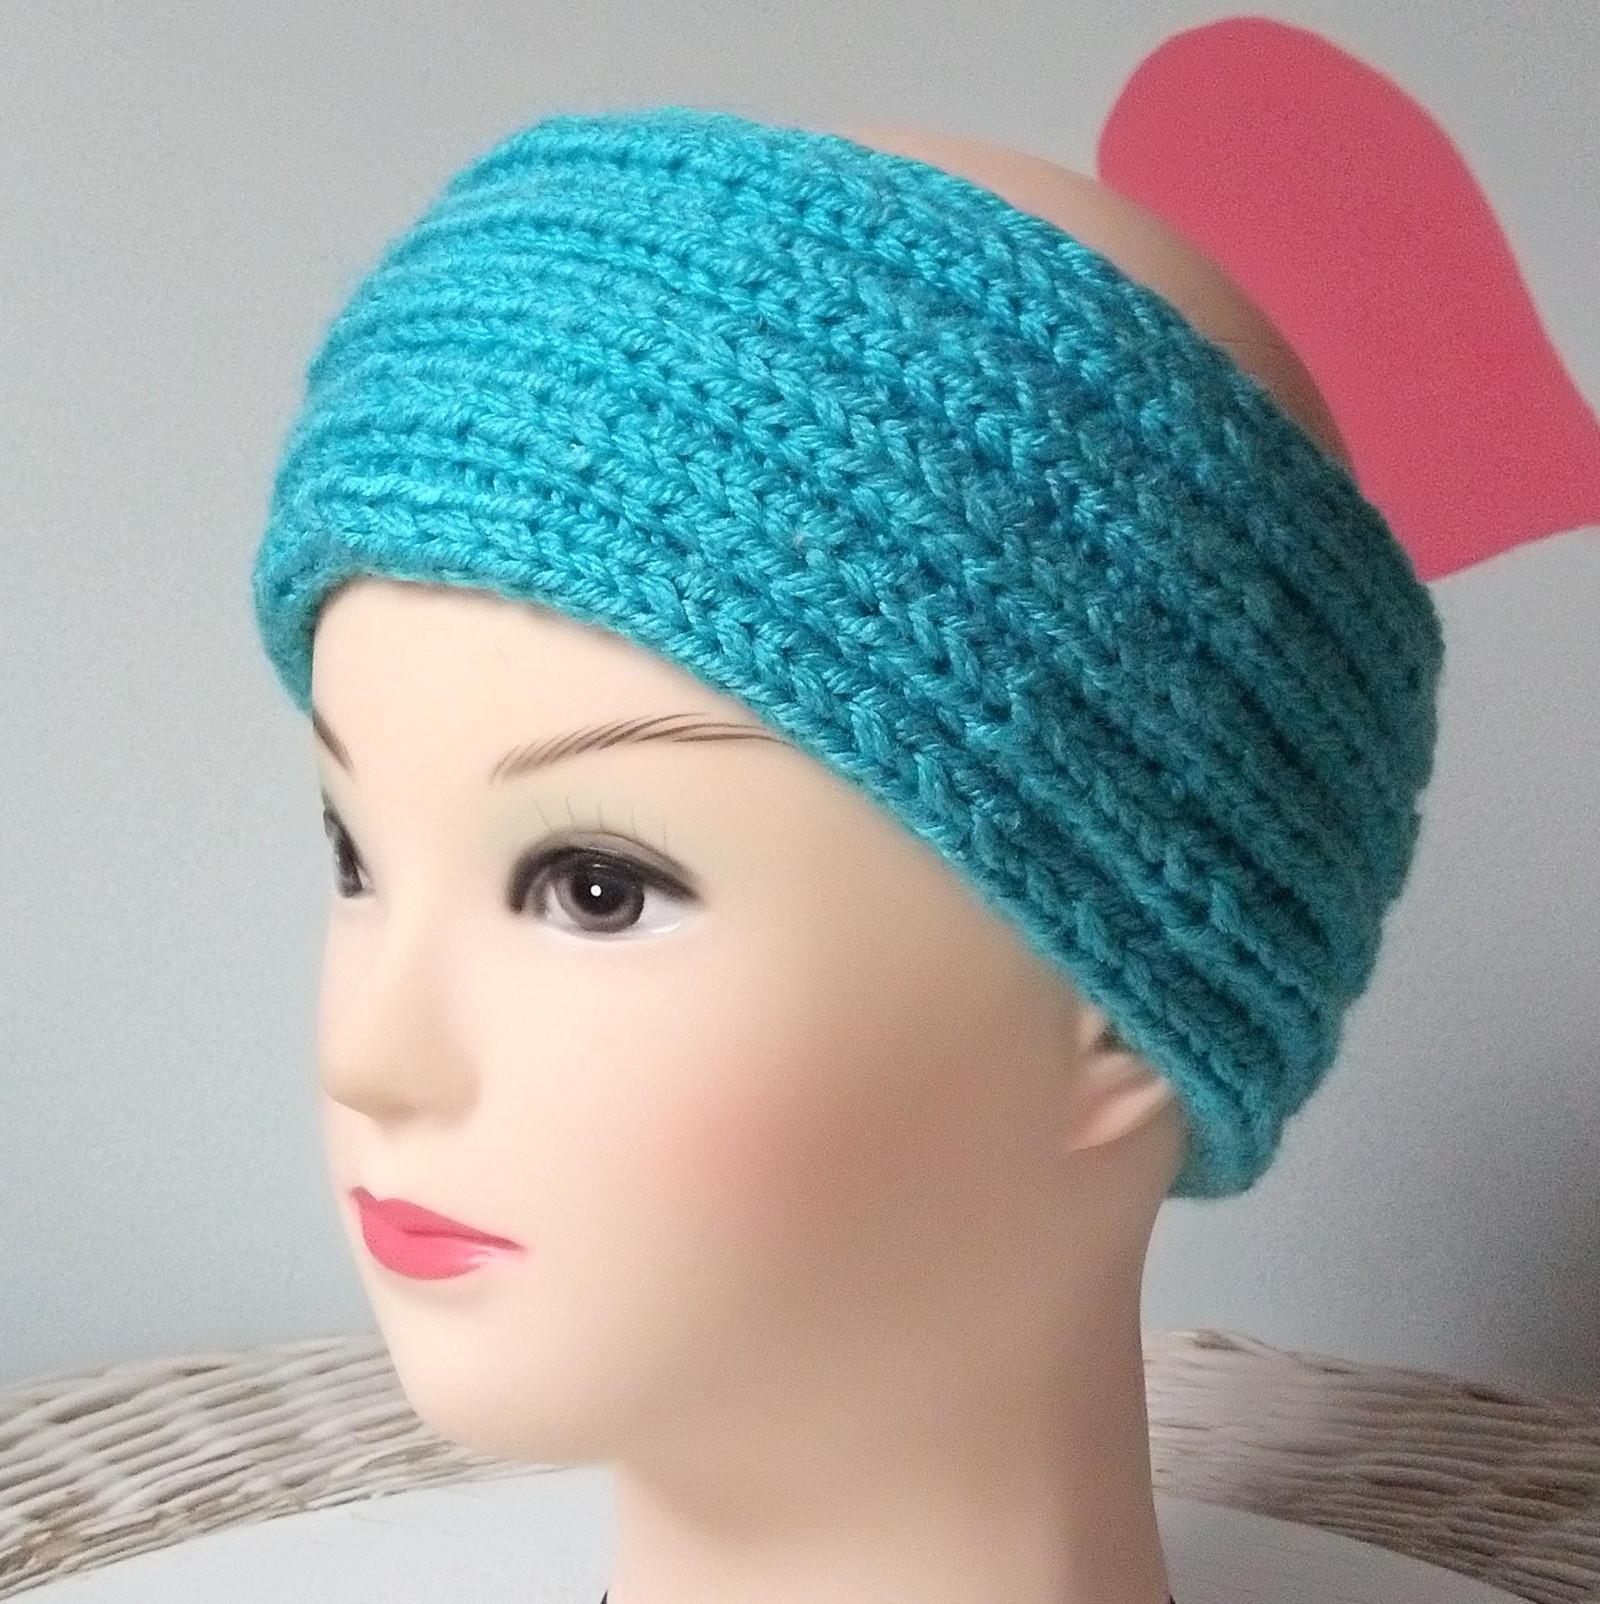 Ručně pletená čelenka pružná - 023   Zboží prodejce HM tvoření  8671e0f590